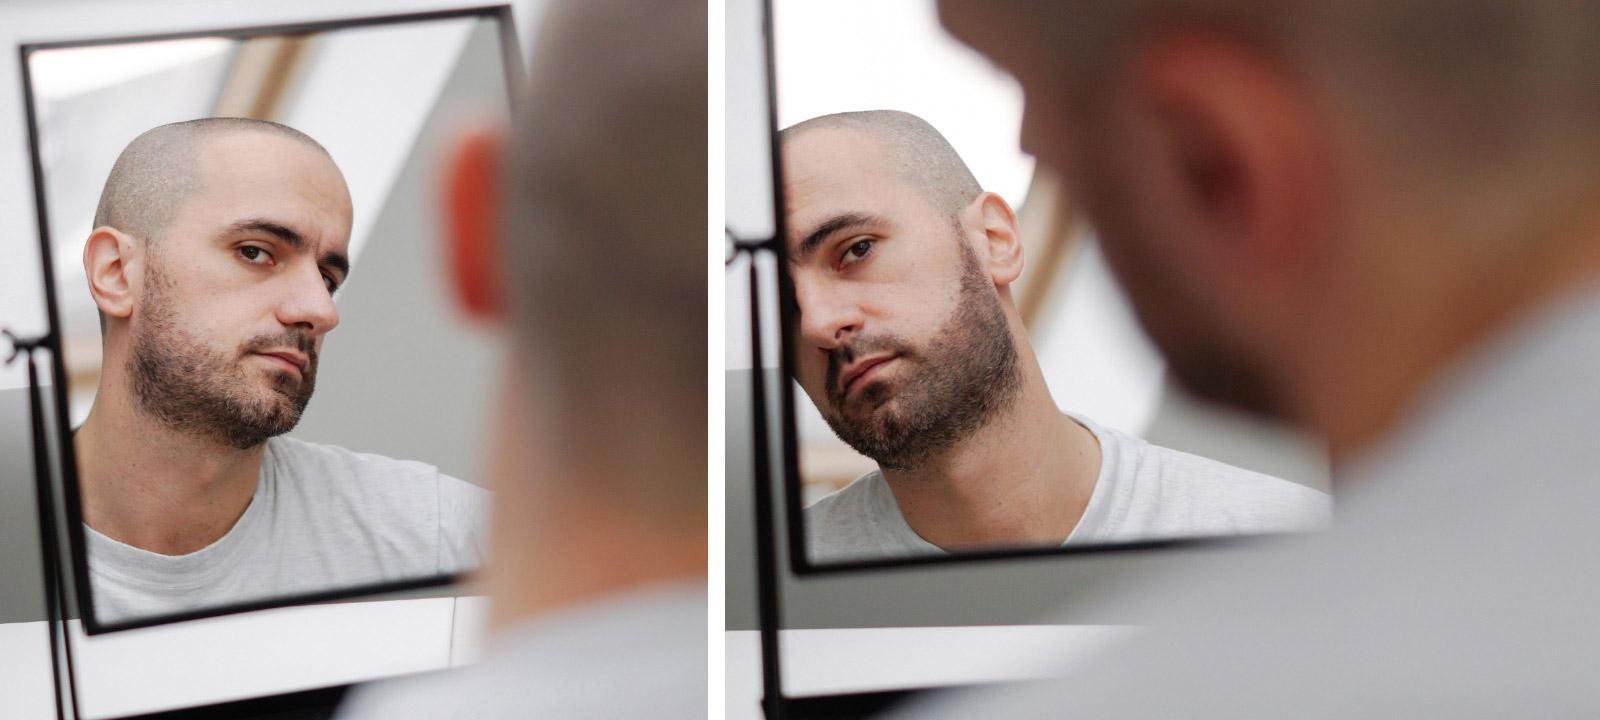 zagęszczanie brody, gęsta broda, farbowanie brody, dbanie o brodę, trymowanie brody, broda zagęścić, duża broda, długa broda